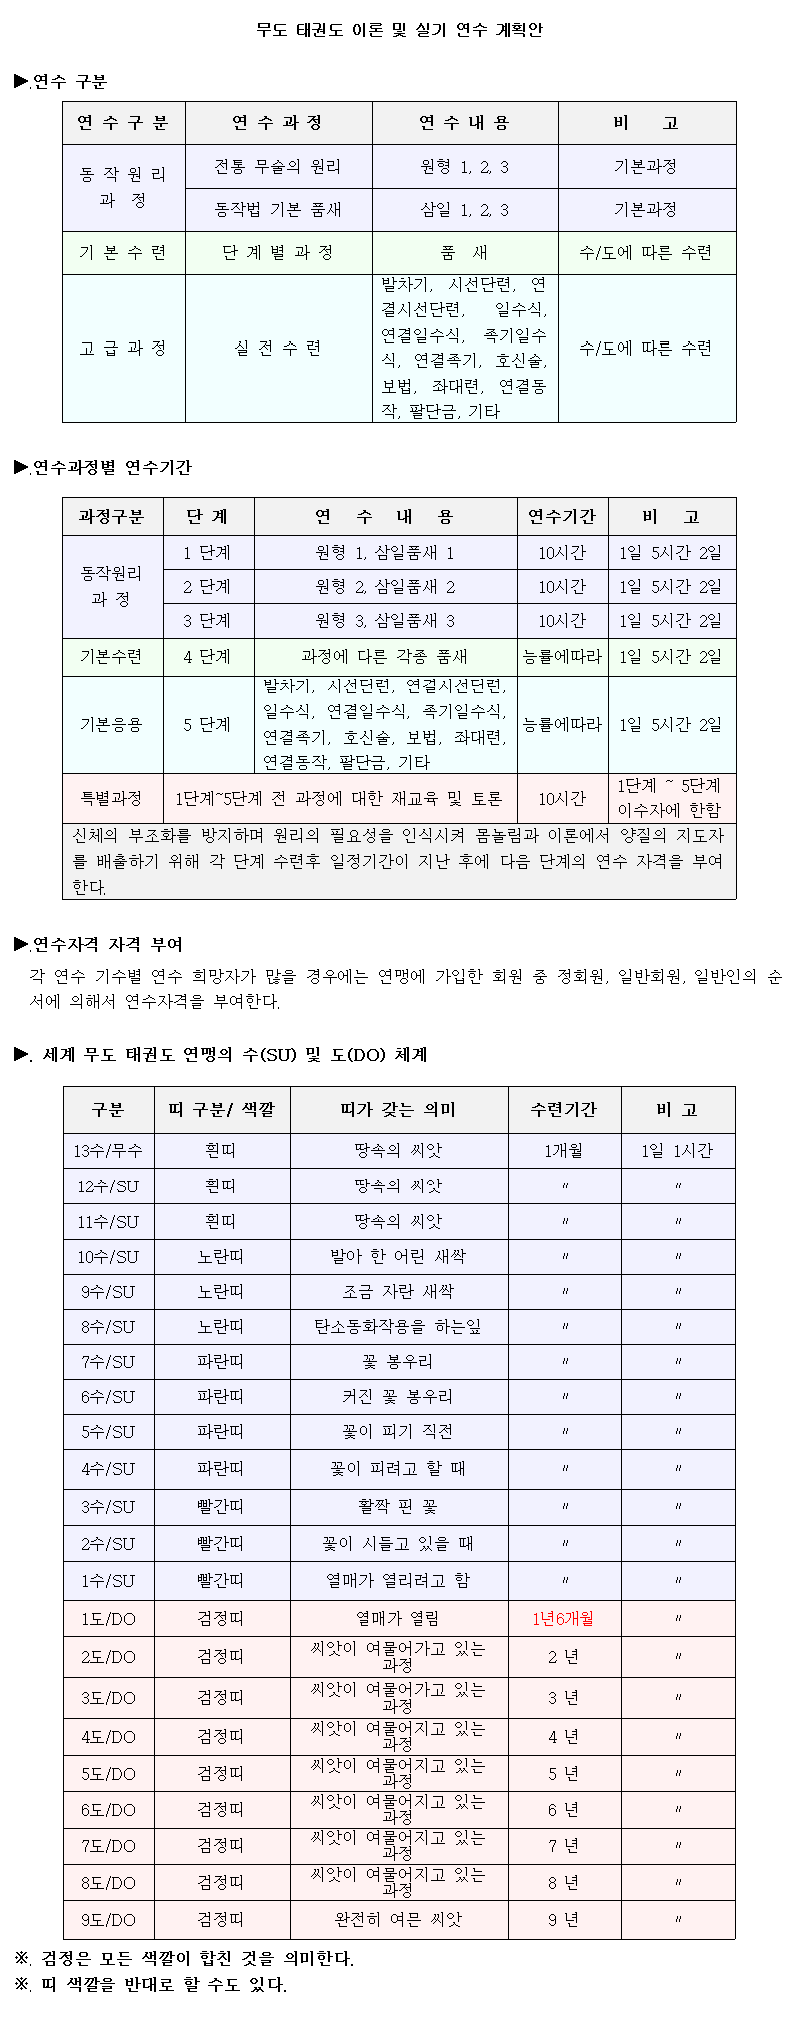 _16_무도태권도이론및실기연수계획.png